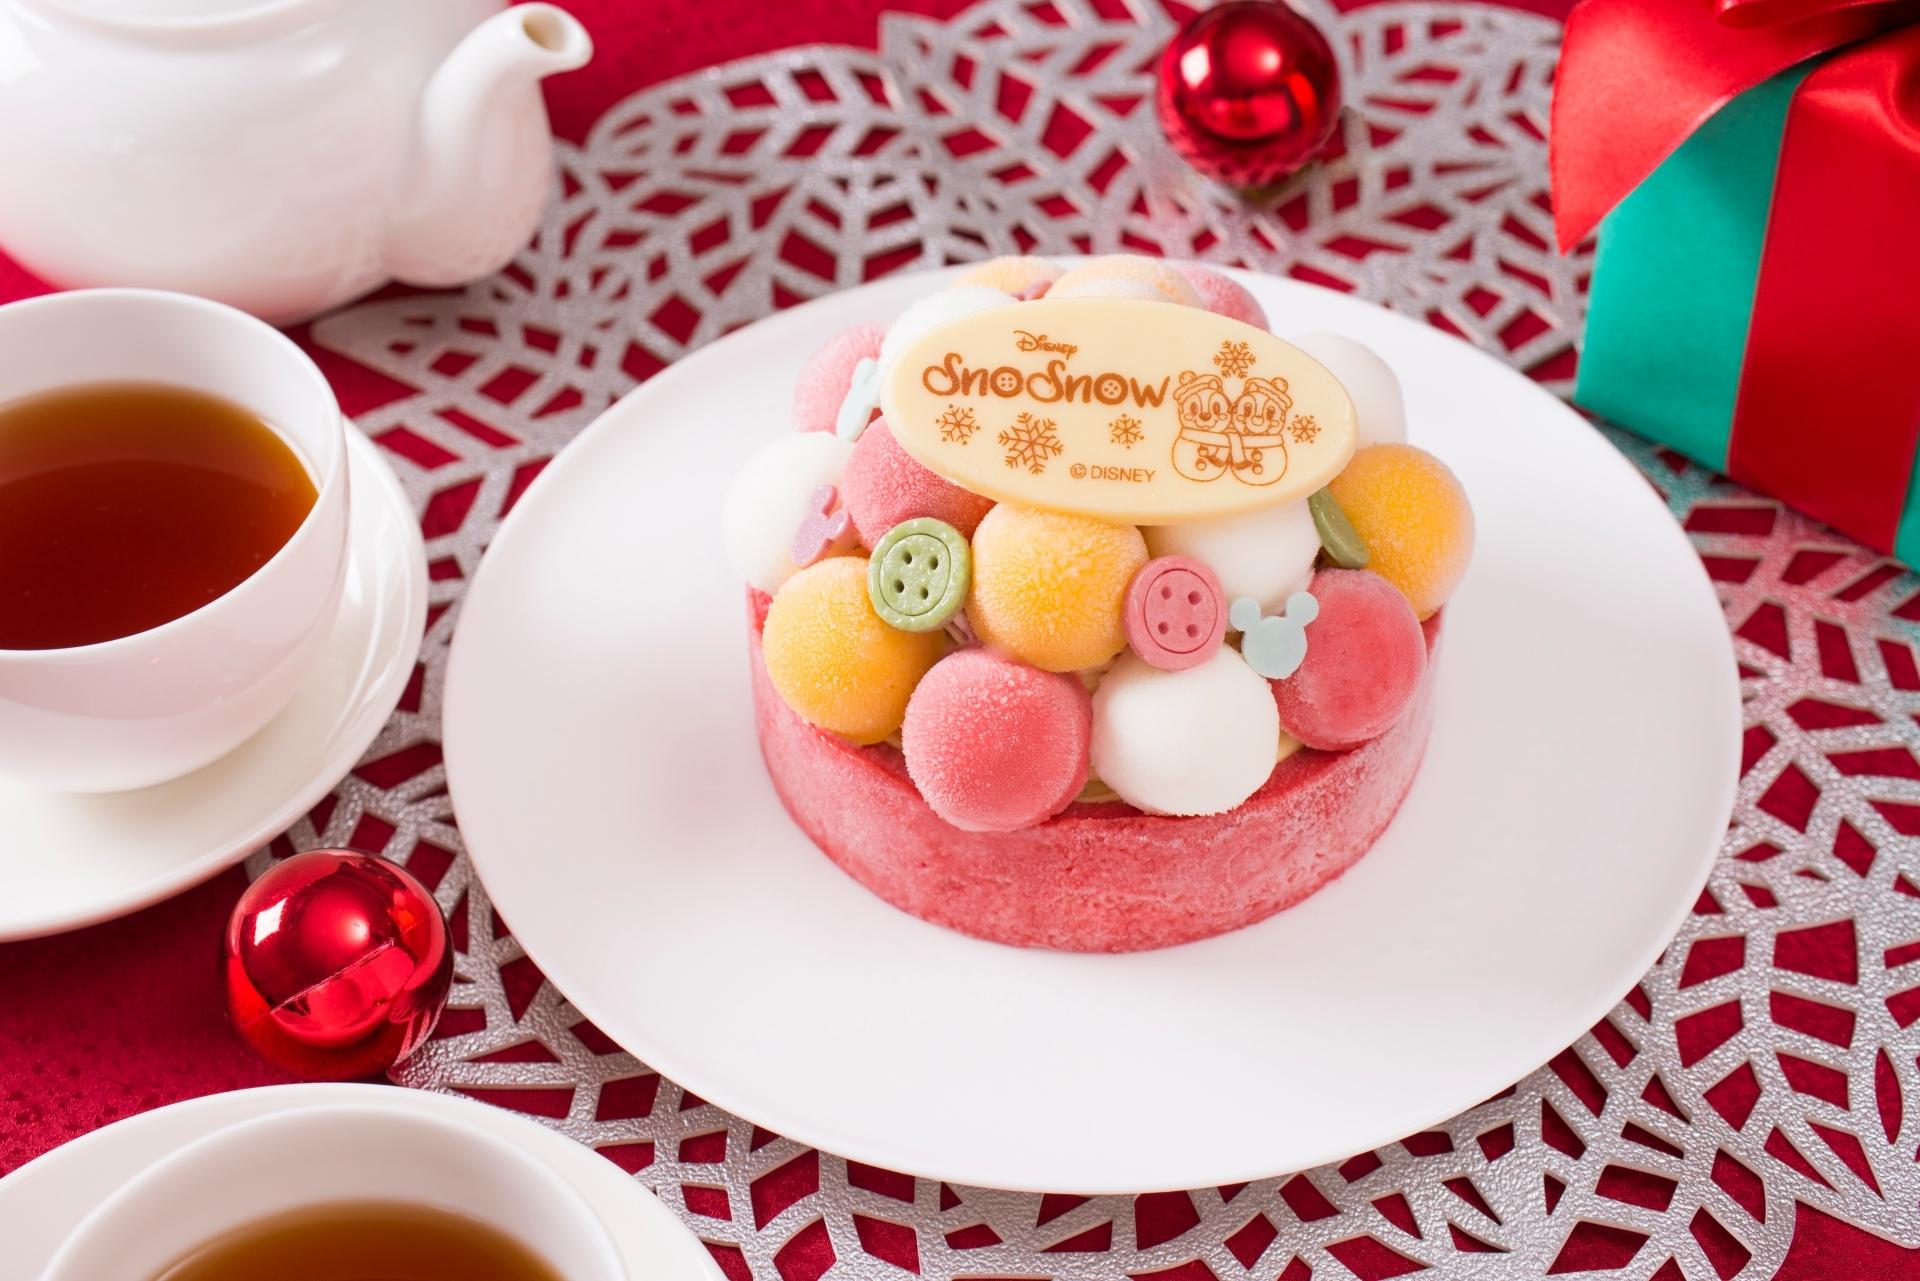 tdr】ディズニークリスマス限定アイスケーキが自宅に届く! スノー